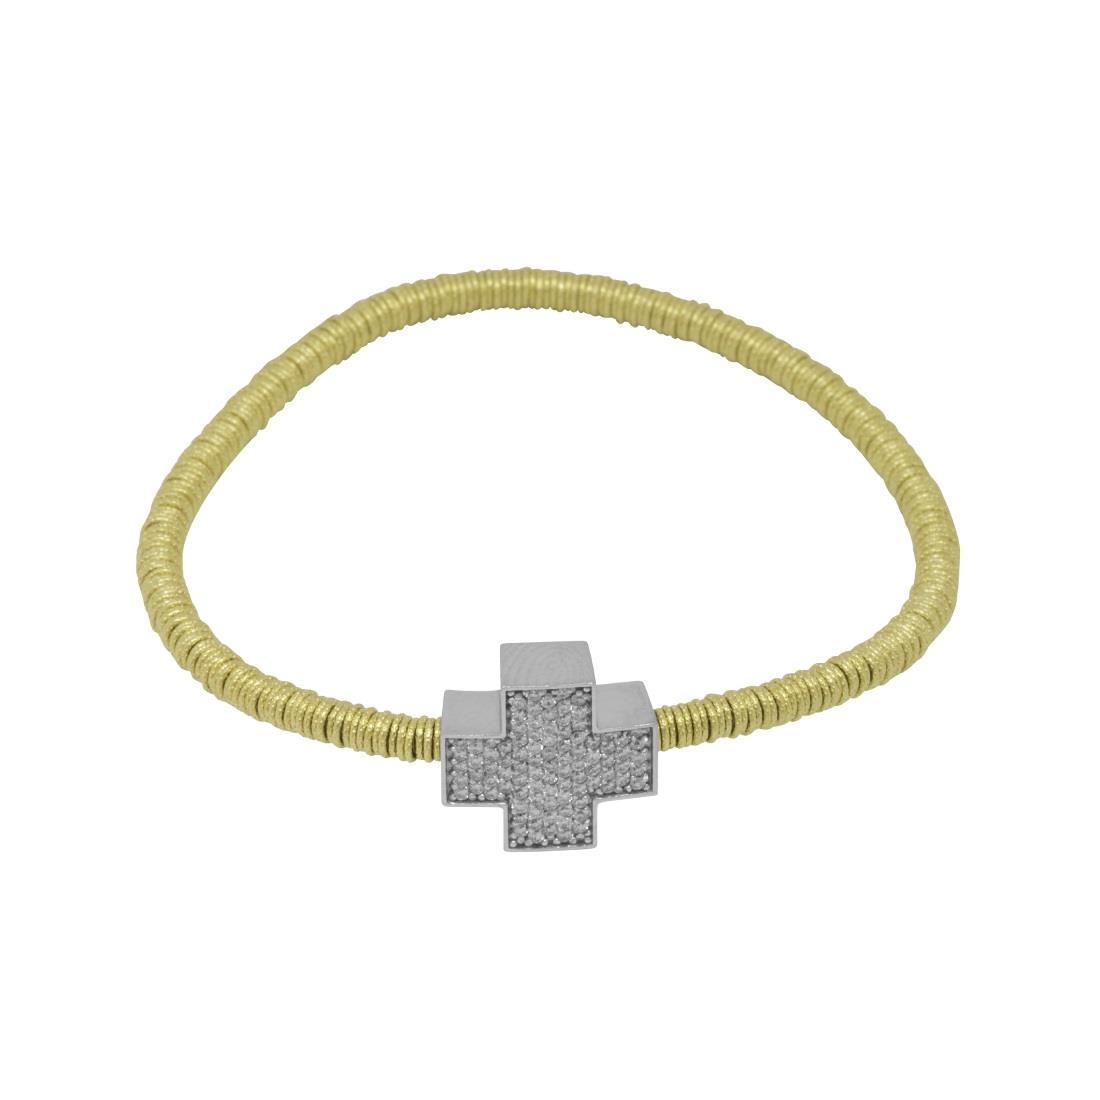 Bracciale in oro giallo con croce in diamanti bianchi  - ROBERTO DEMEGLIO